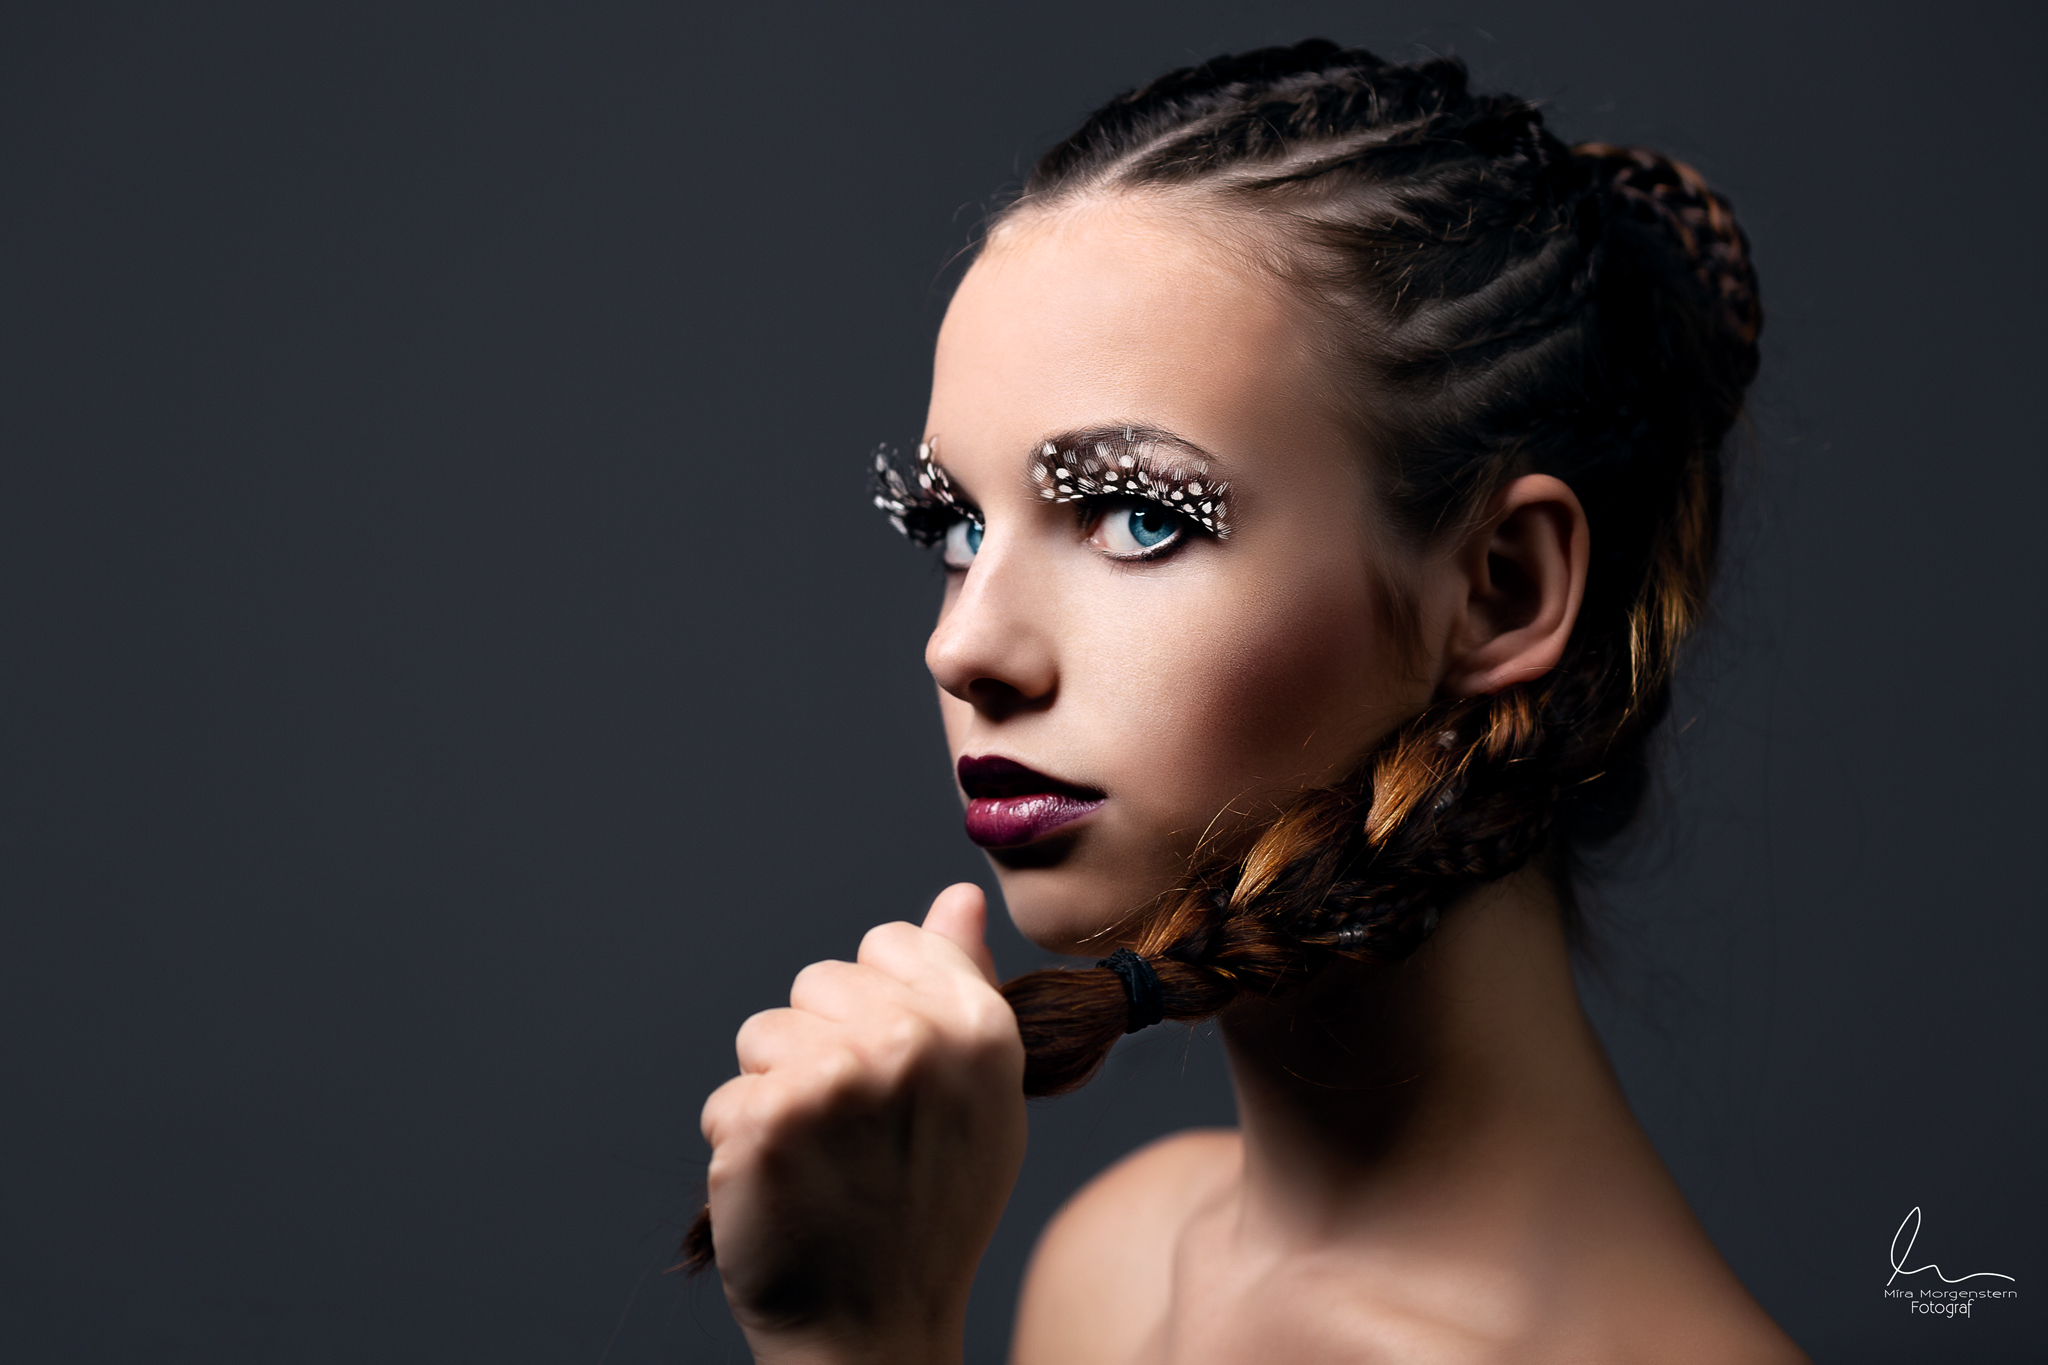 Fotograf portrét fashion